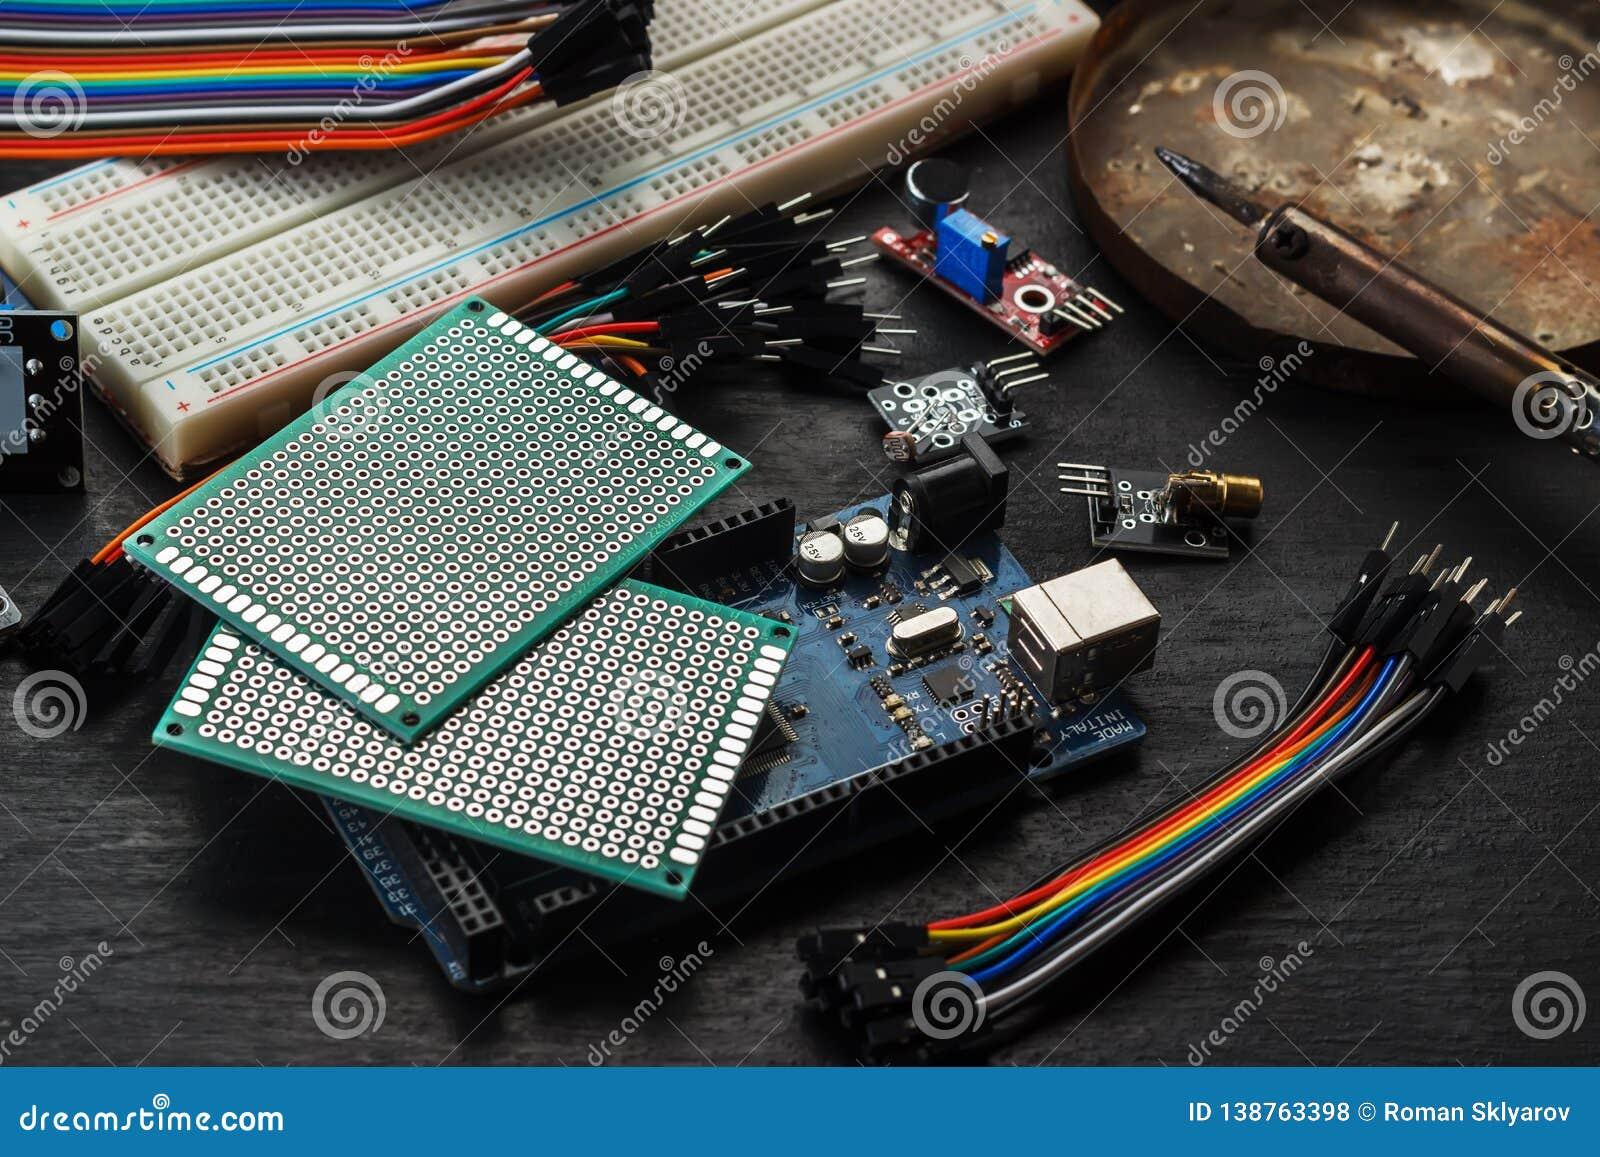 Componentes electrónicos y sensores para el arduino